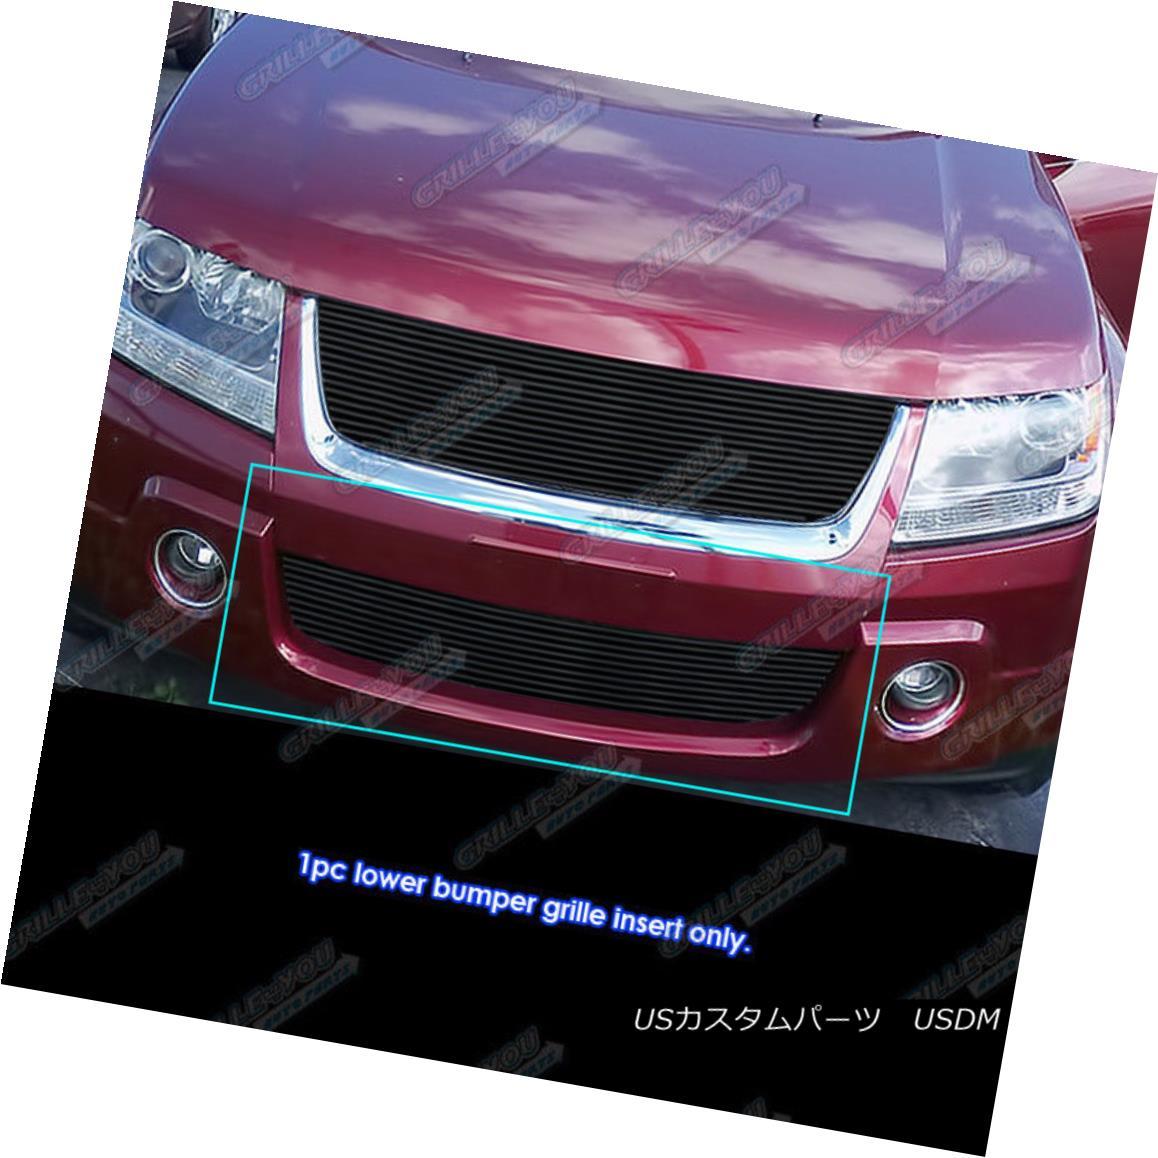 グリル Fits 06-2011 Suzuki Grand Vitara Lower Bumper Billet Grille Insert フィット06-2011スズキグランドヴィタラロアバンパービレットグリルインサート